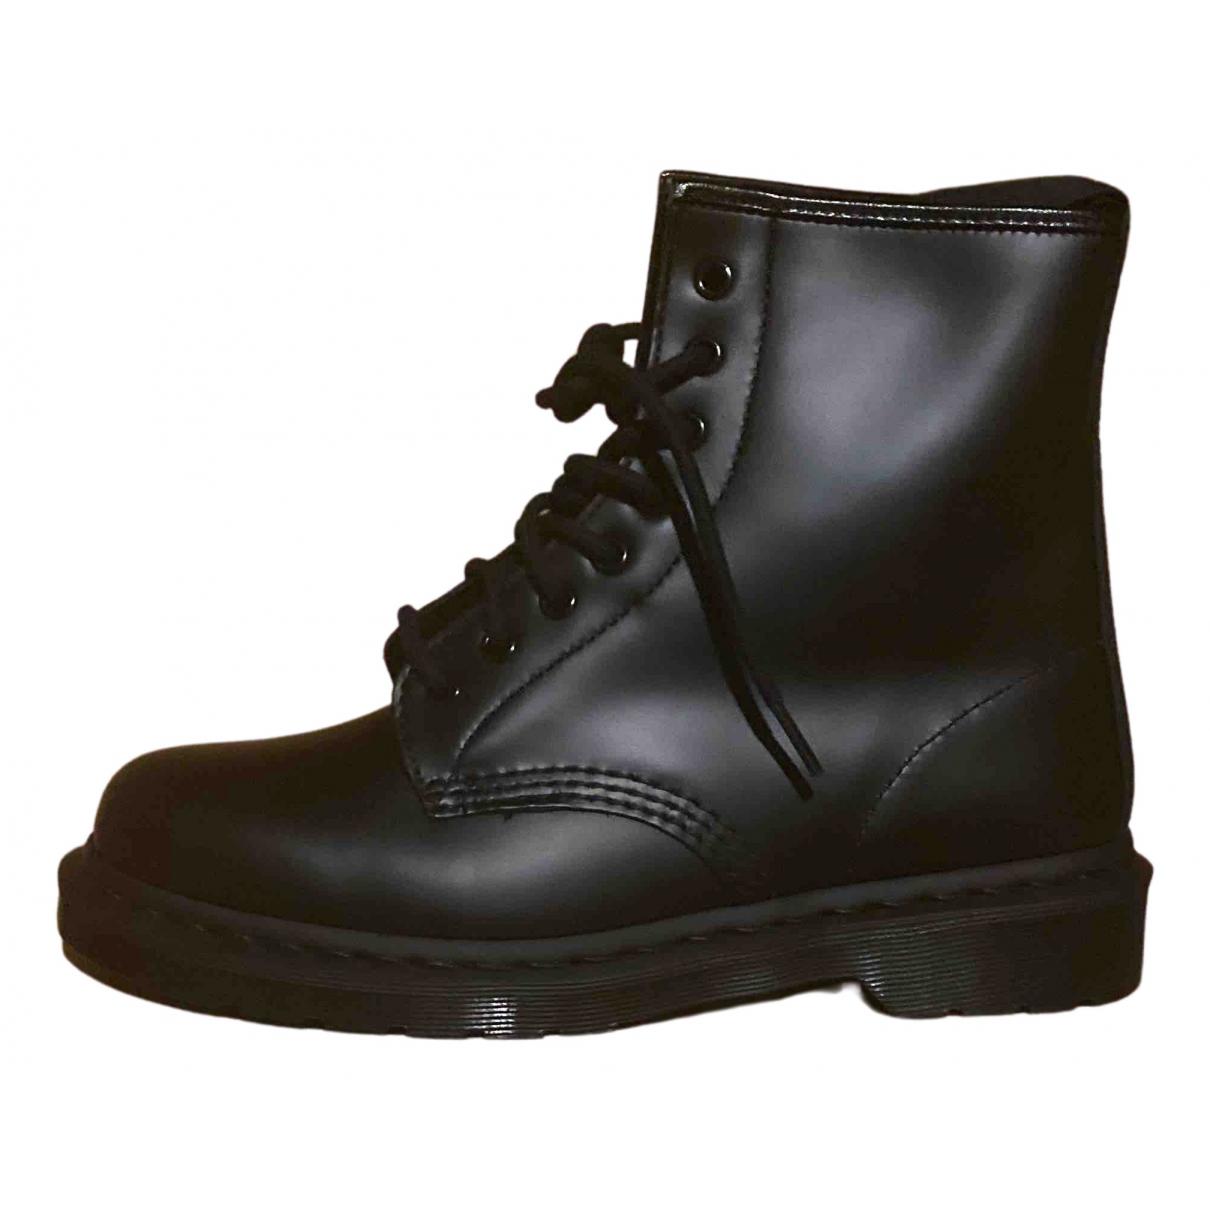 Dr. Martens - Boots 1460 Pascal (8 eye) pour femme en cuir - anthracite